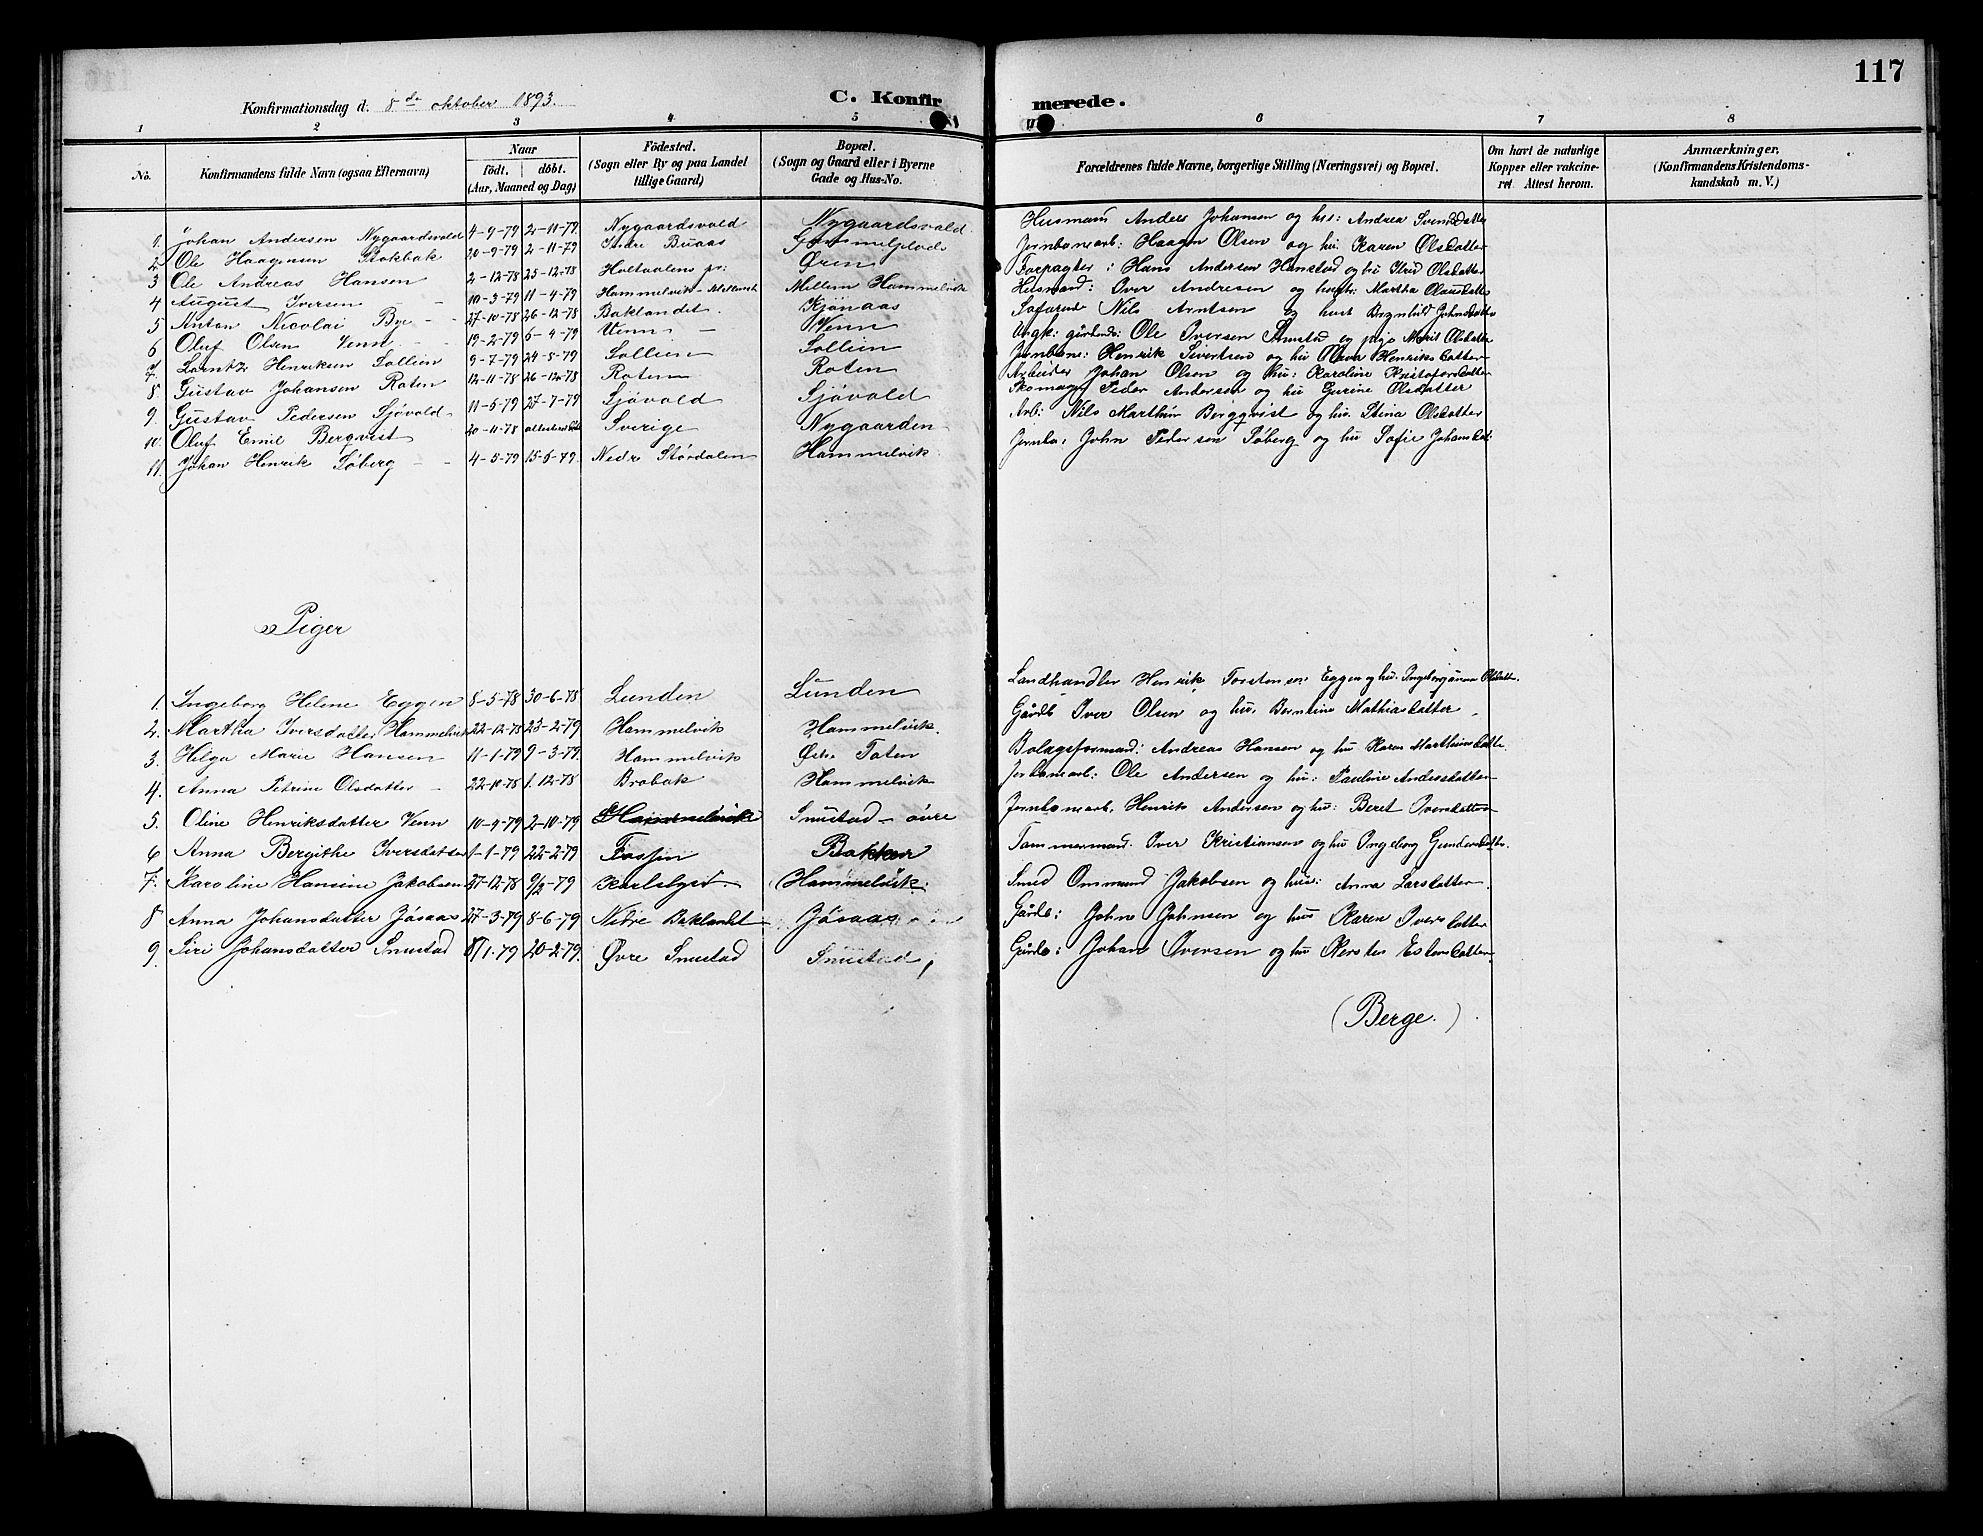 SAT, Ministerialprotokoller, klokkerbøker og fødselsregistre - Sør-Trøndelag, 617/L0431: Klokkerbok nr. 617C01, 1889-1910, s. 117